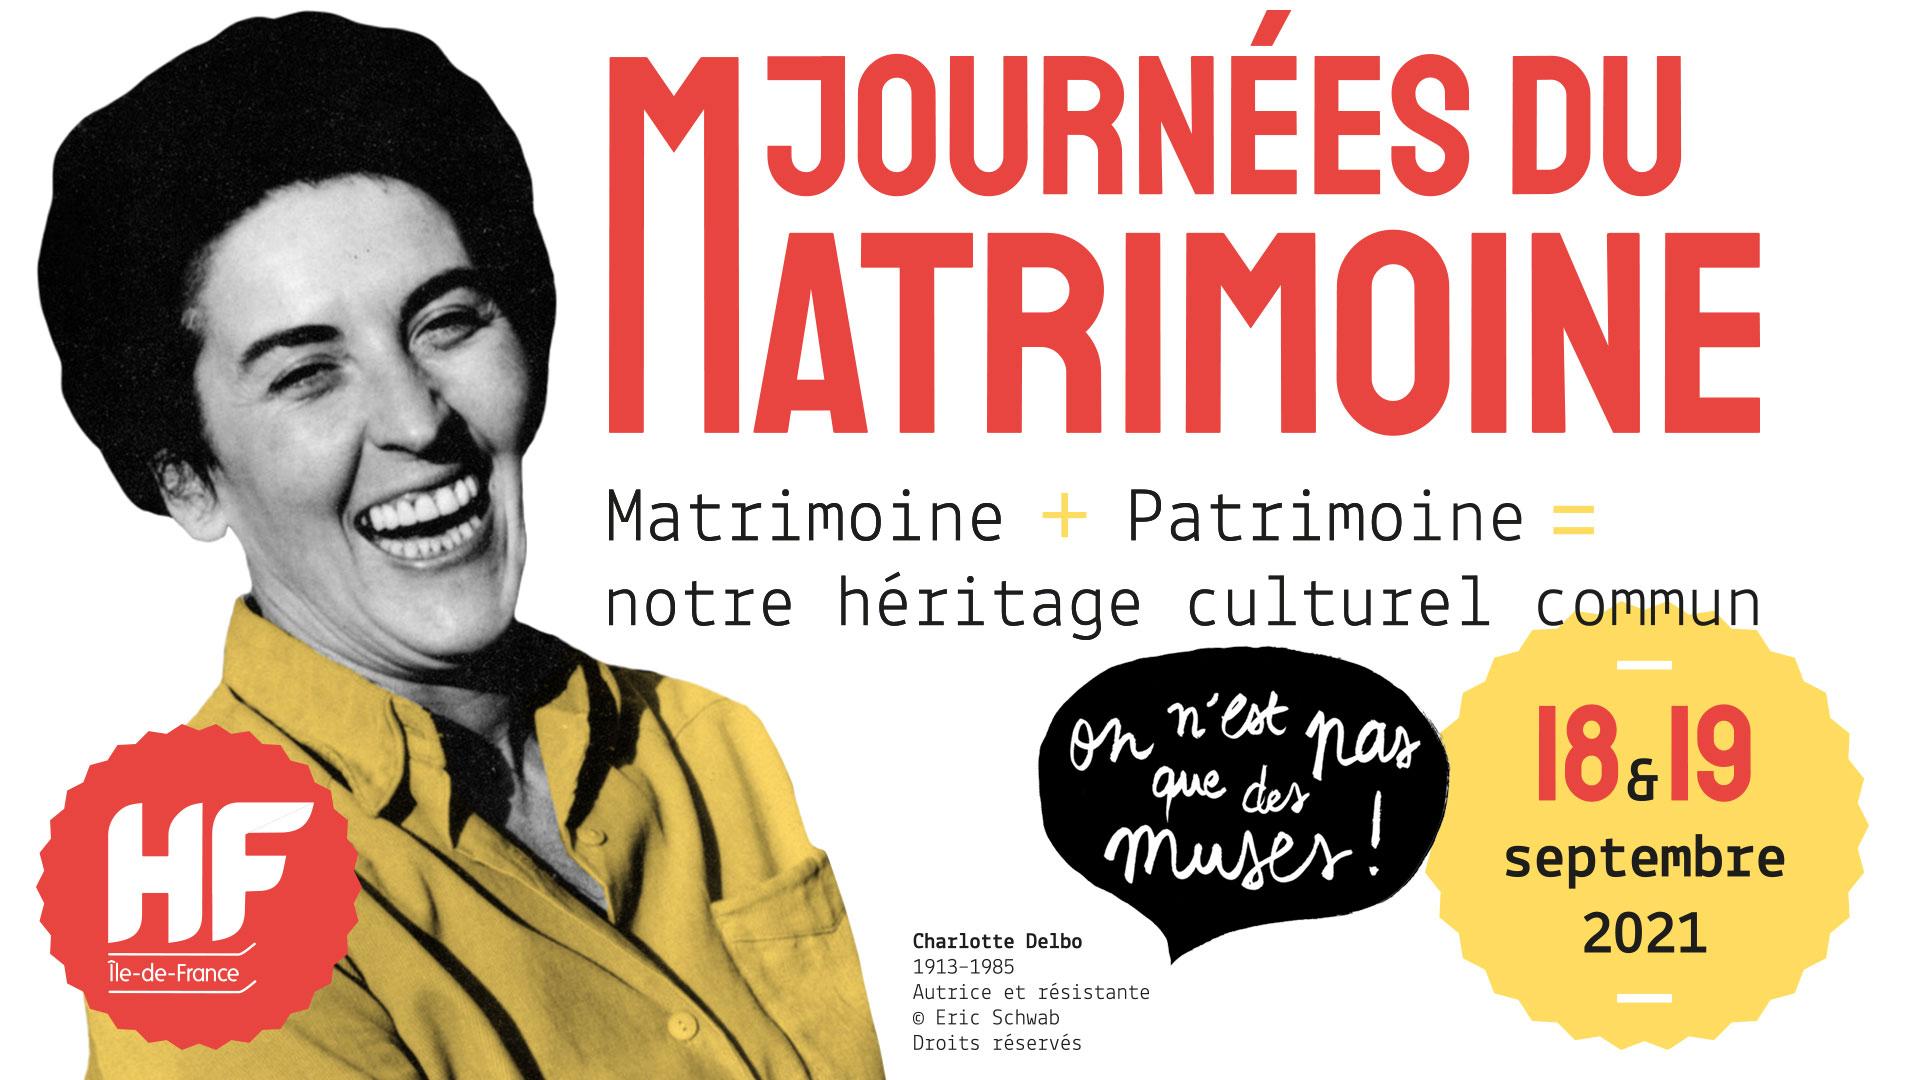 Journées du Matrimoine